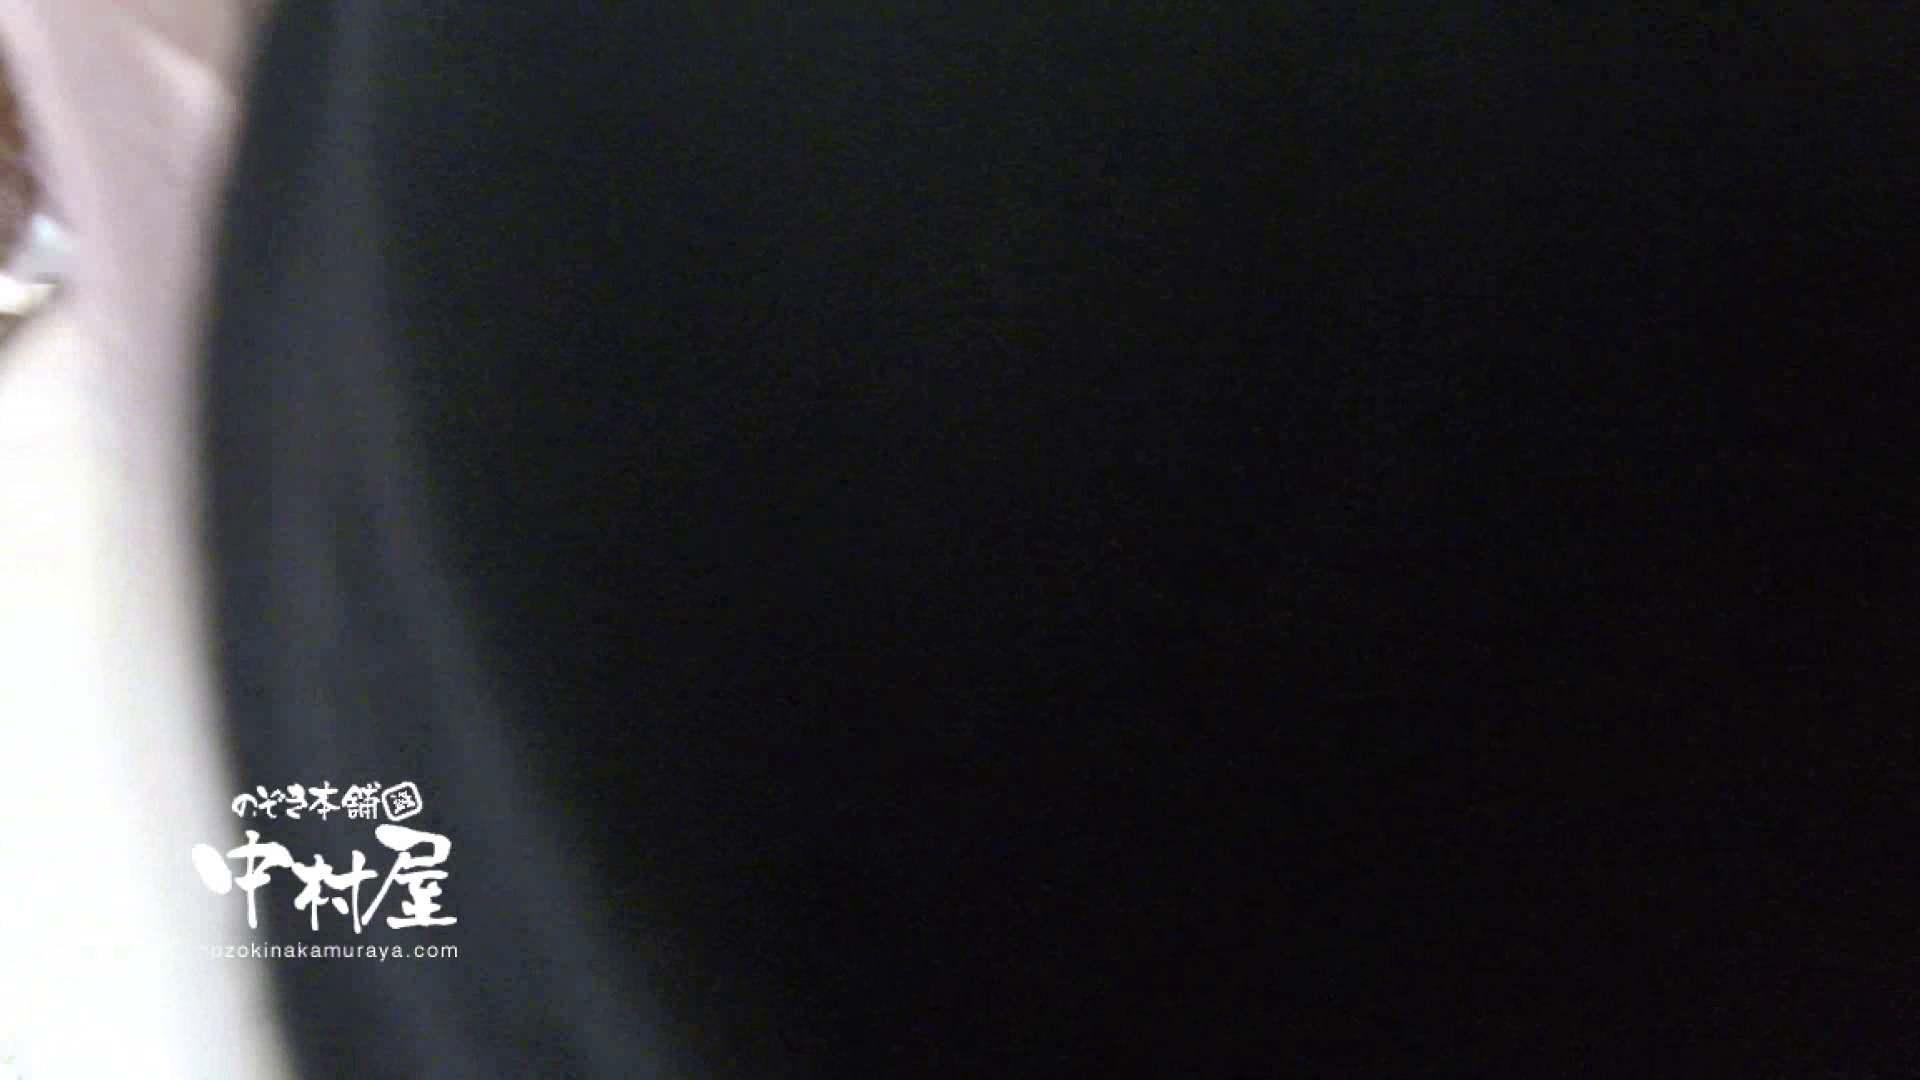 鬼畜 vol.15 ハスキーボイスで感じてんじゃねーよ! 前編 鬼畜   0  83PIX 43